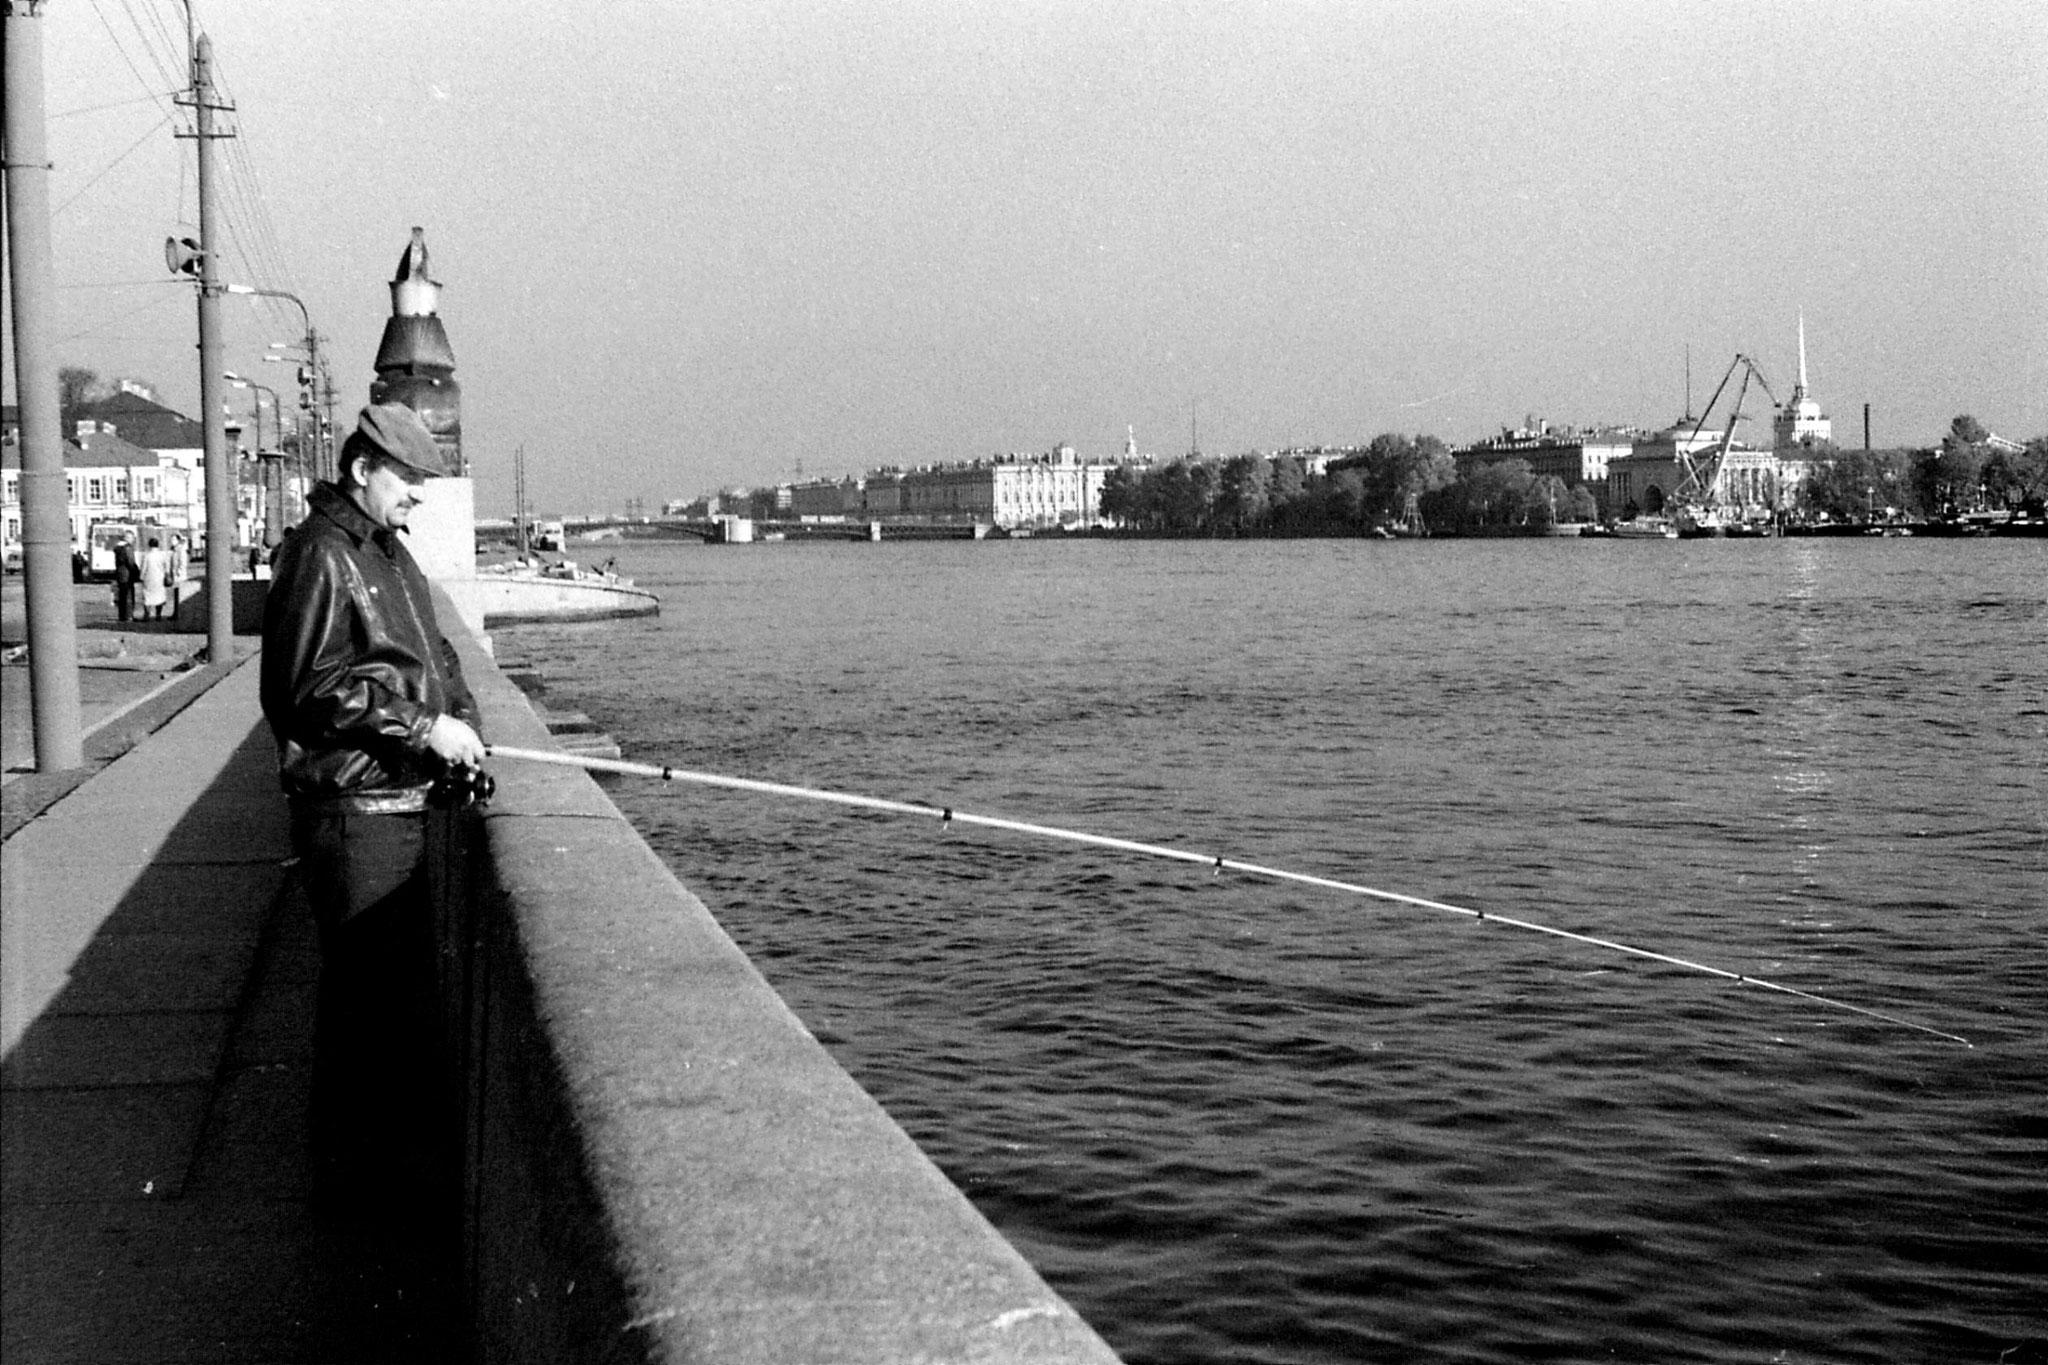 13/10/1988: 10: River Neva